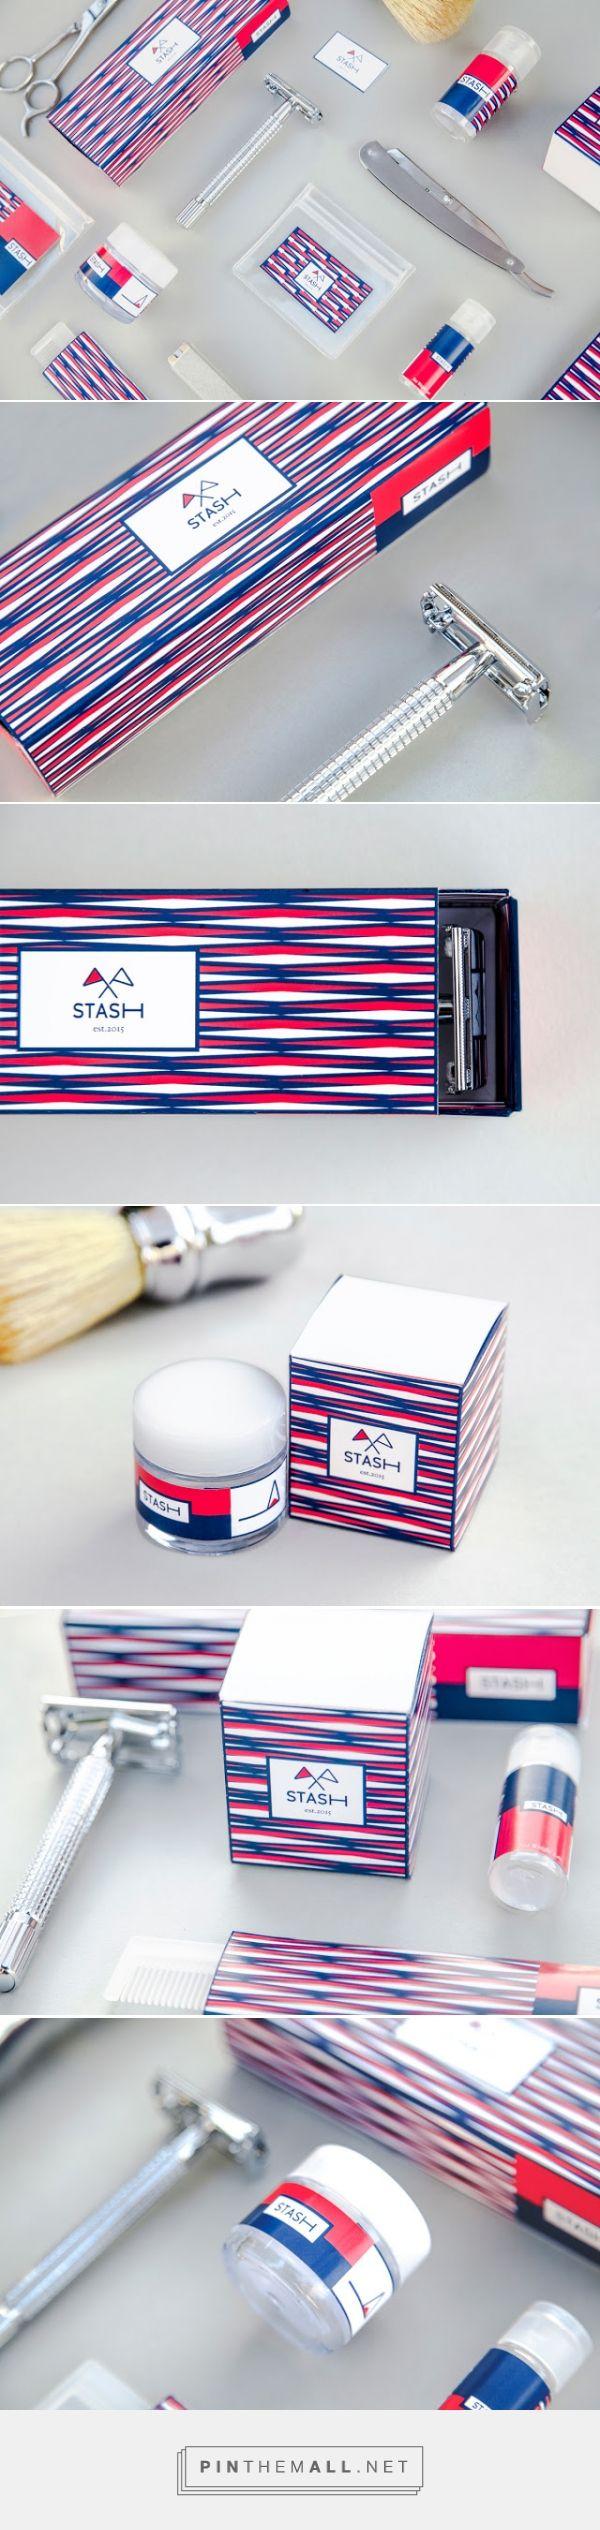 Stash - Men\'s Shaving Brand